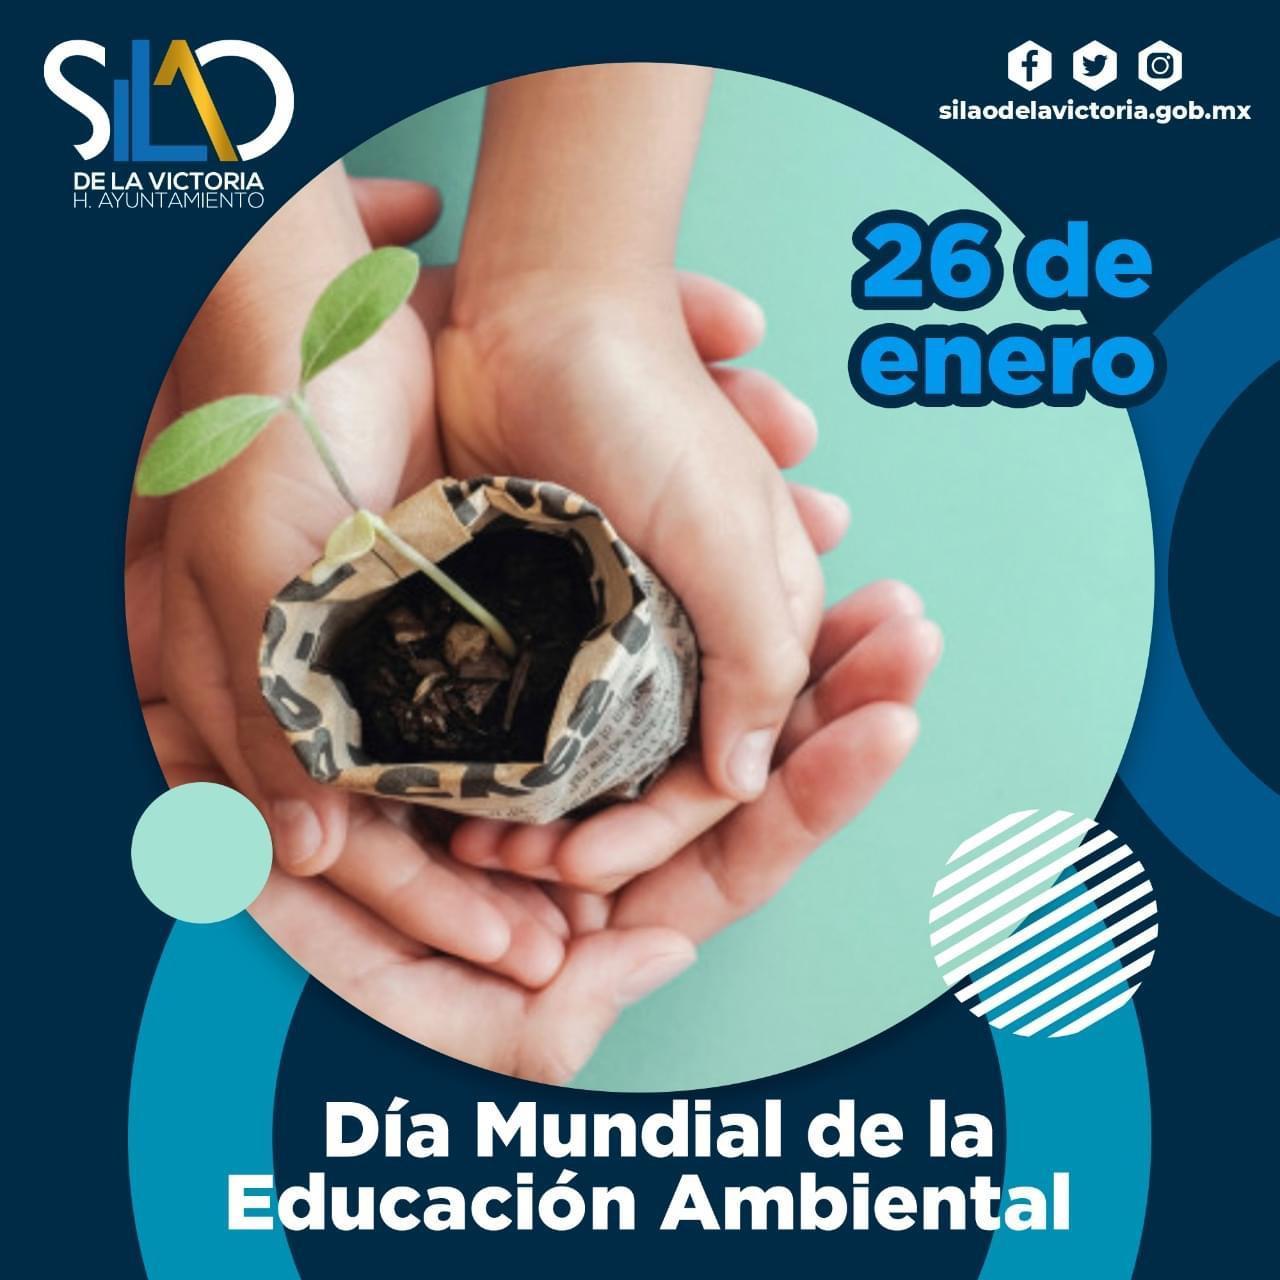 Promueven educación ambiental entre la población